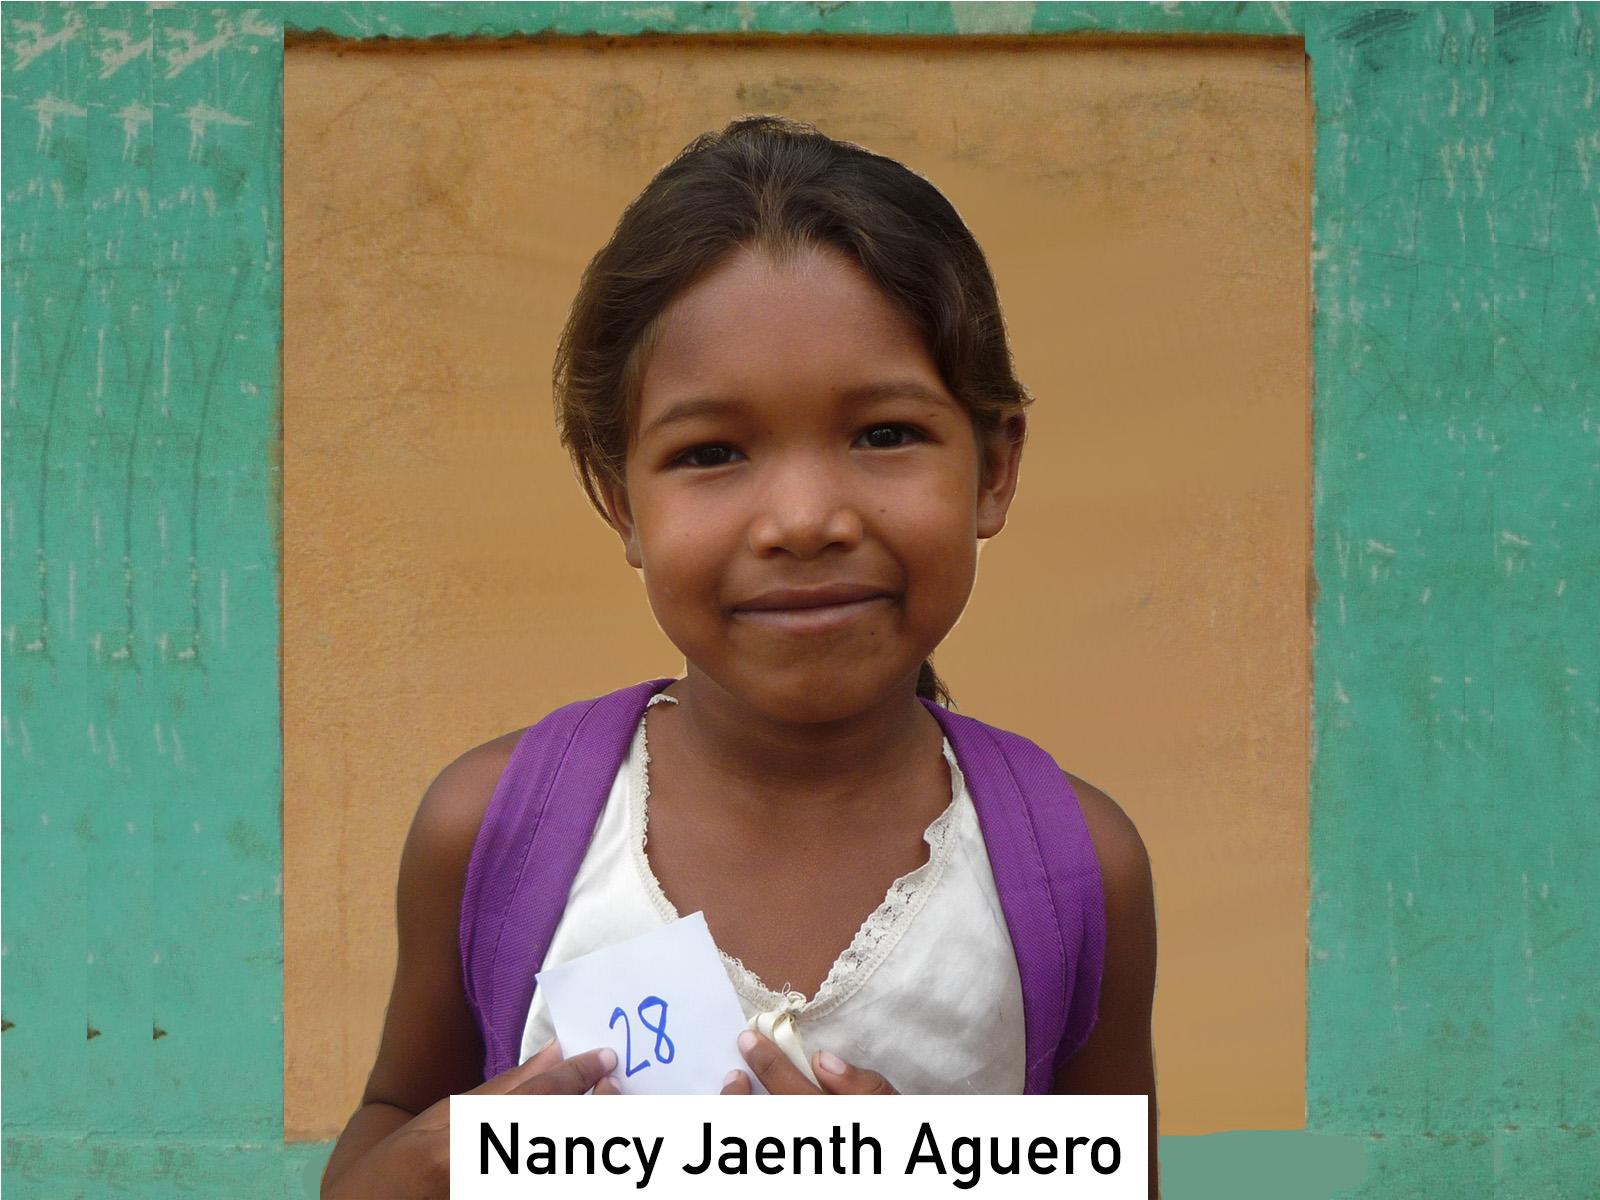 028 - Nancy Jaenth Aguero.jpg